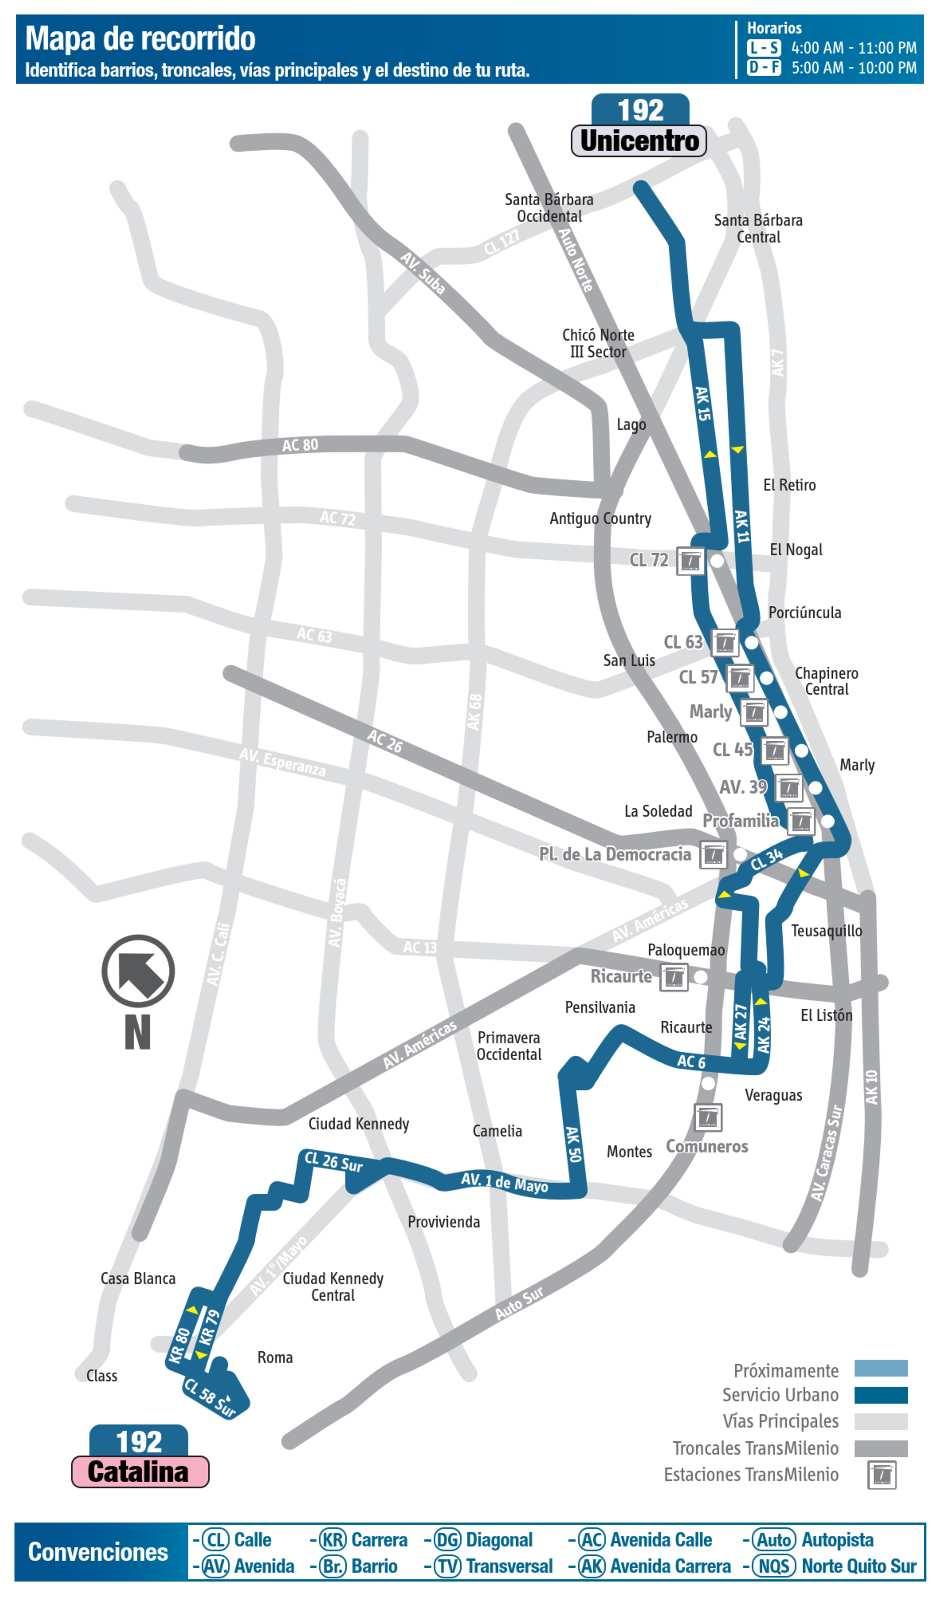 Ruta SITP: 192 Catalina ↔ Unicentro (mapa)